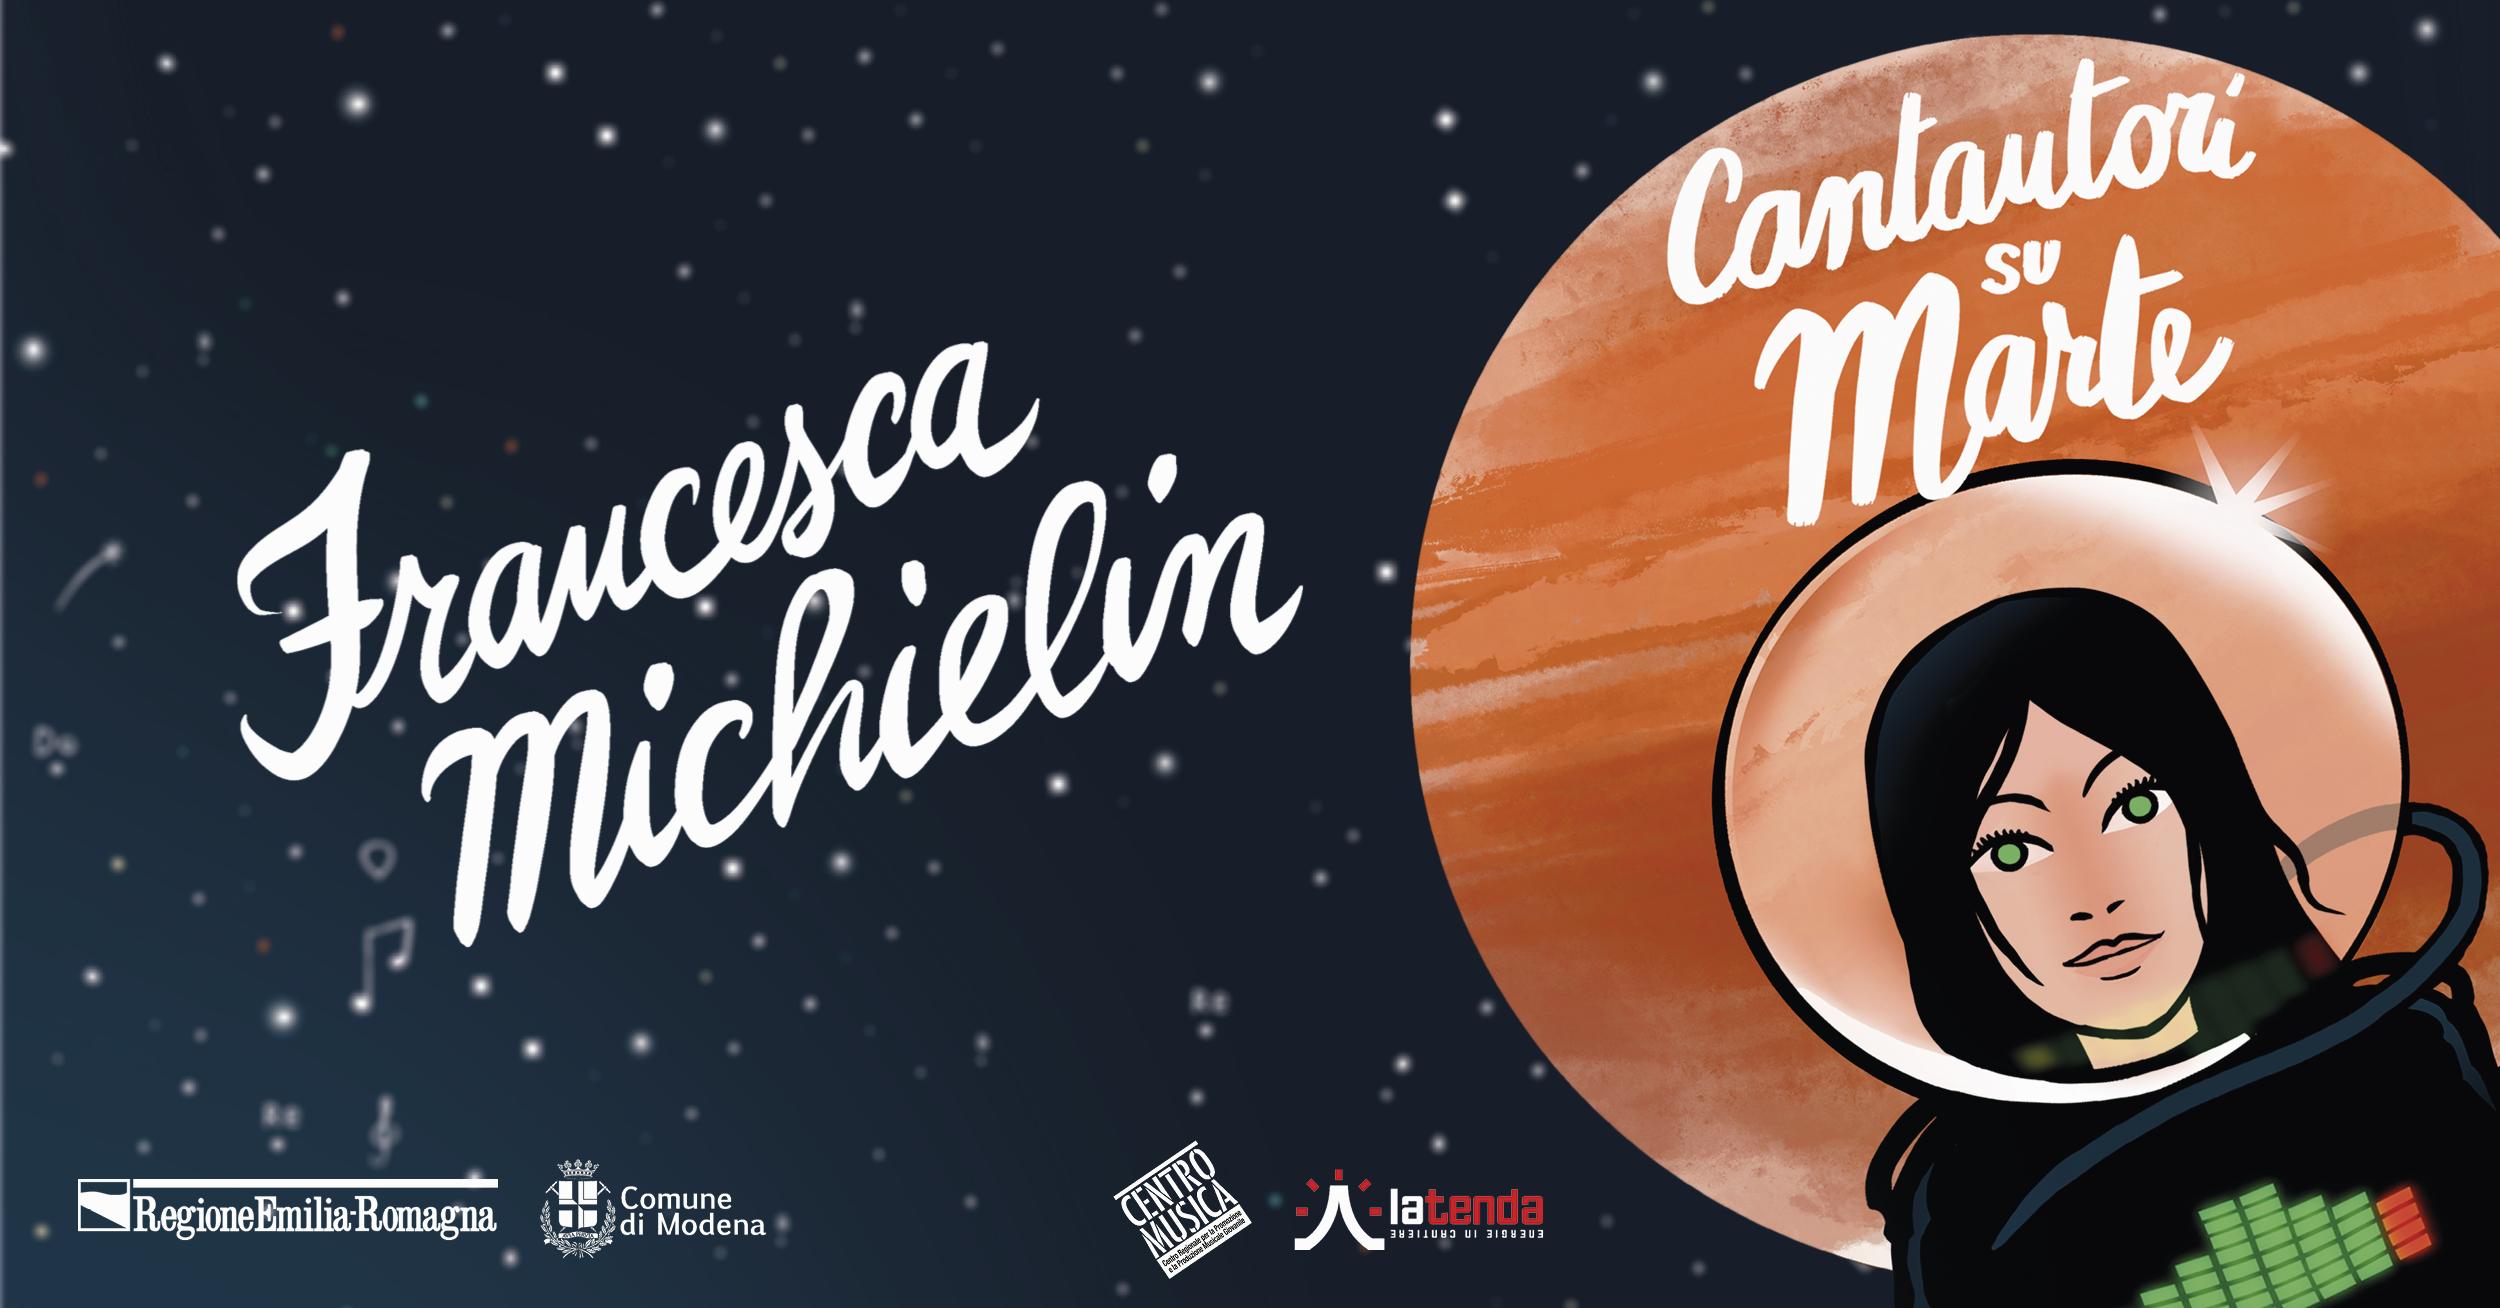 CANTAUTORI SU MARTE: FRANCESCA MICHIELIN